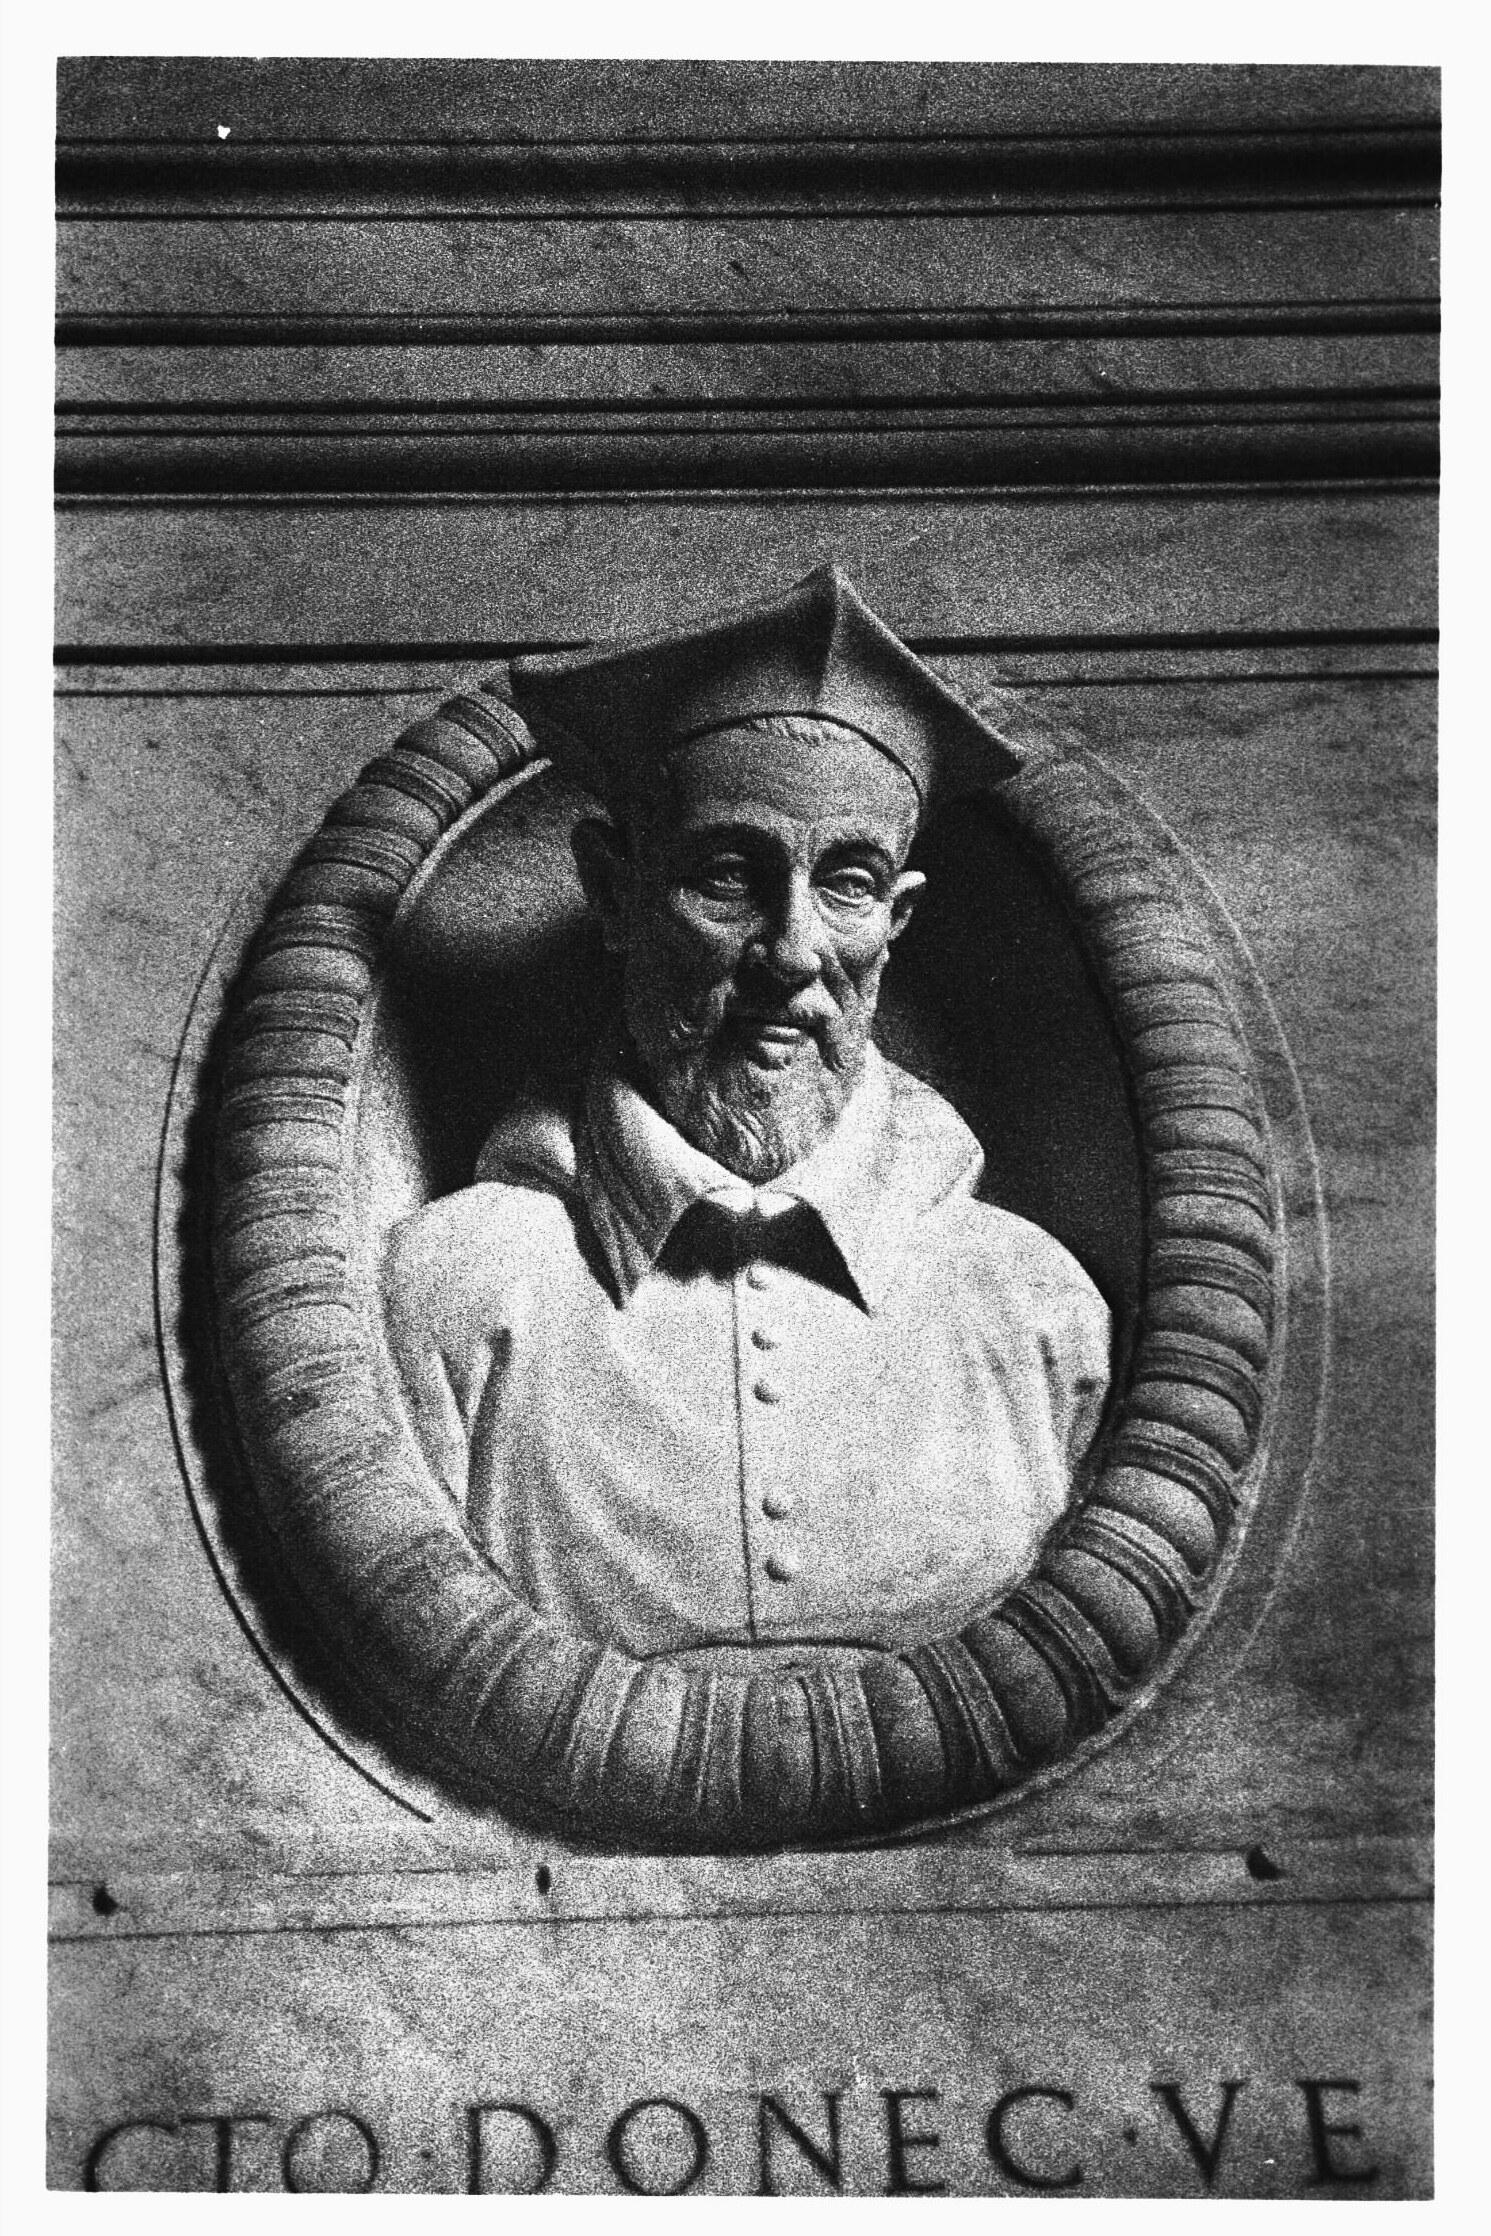 Europa Germanicum Et Hungaricum Roma Poste Vaticane Coll Vatikan